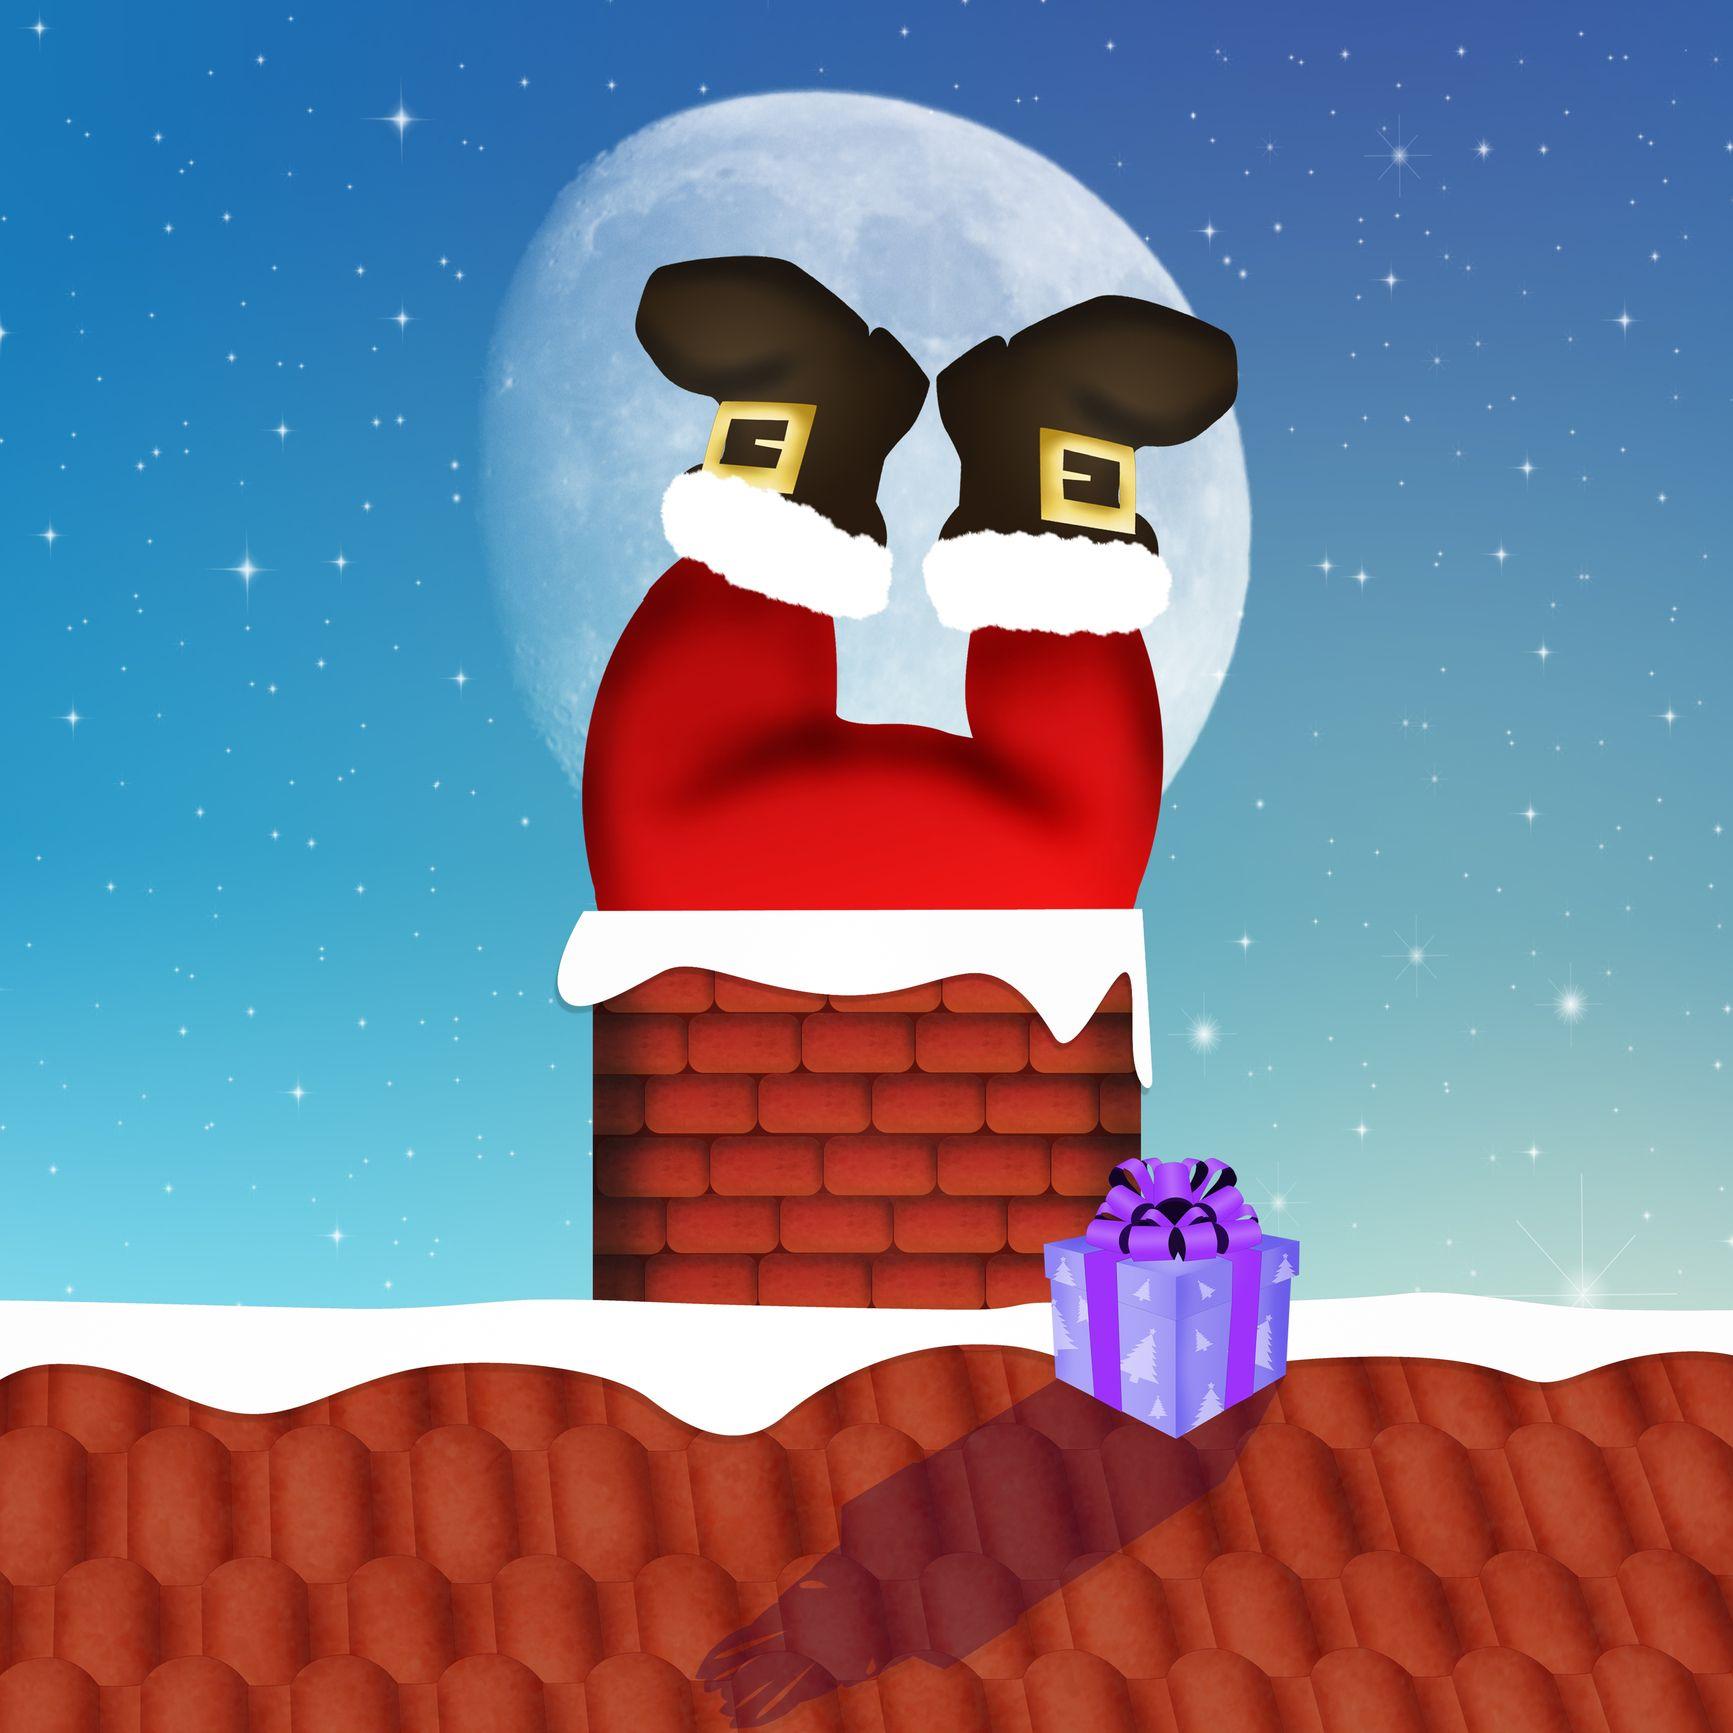 10 wydatków na Boże Narodzenie w firmie, które stanowić będą koszt podatkowy